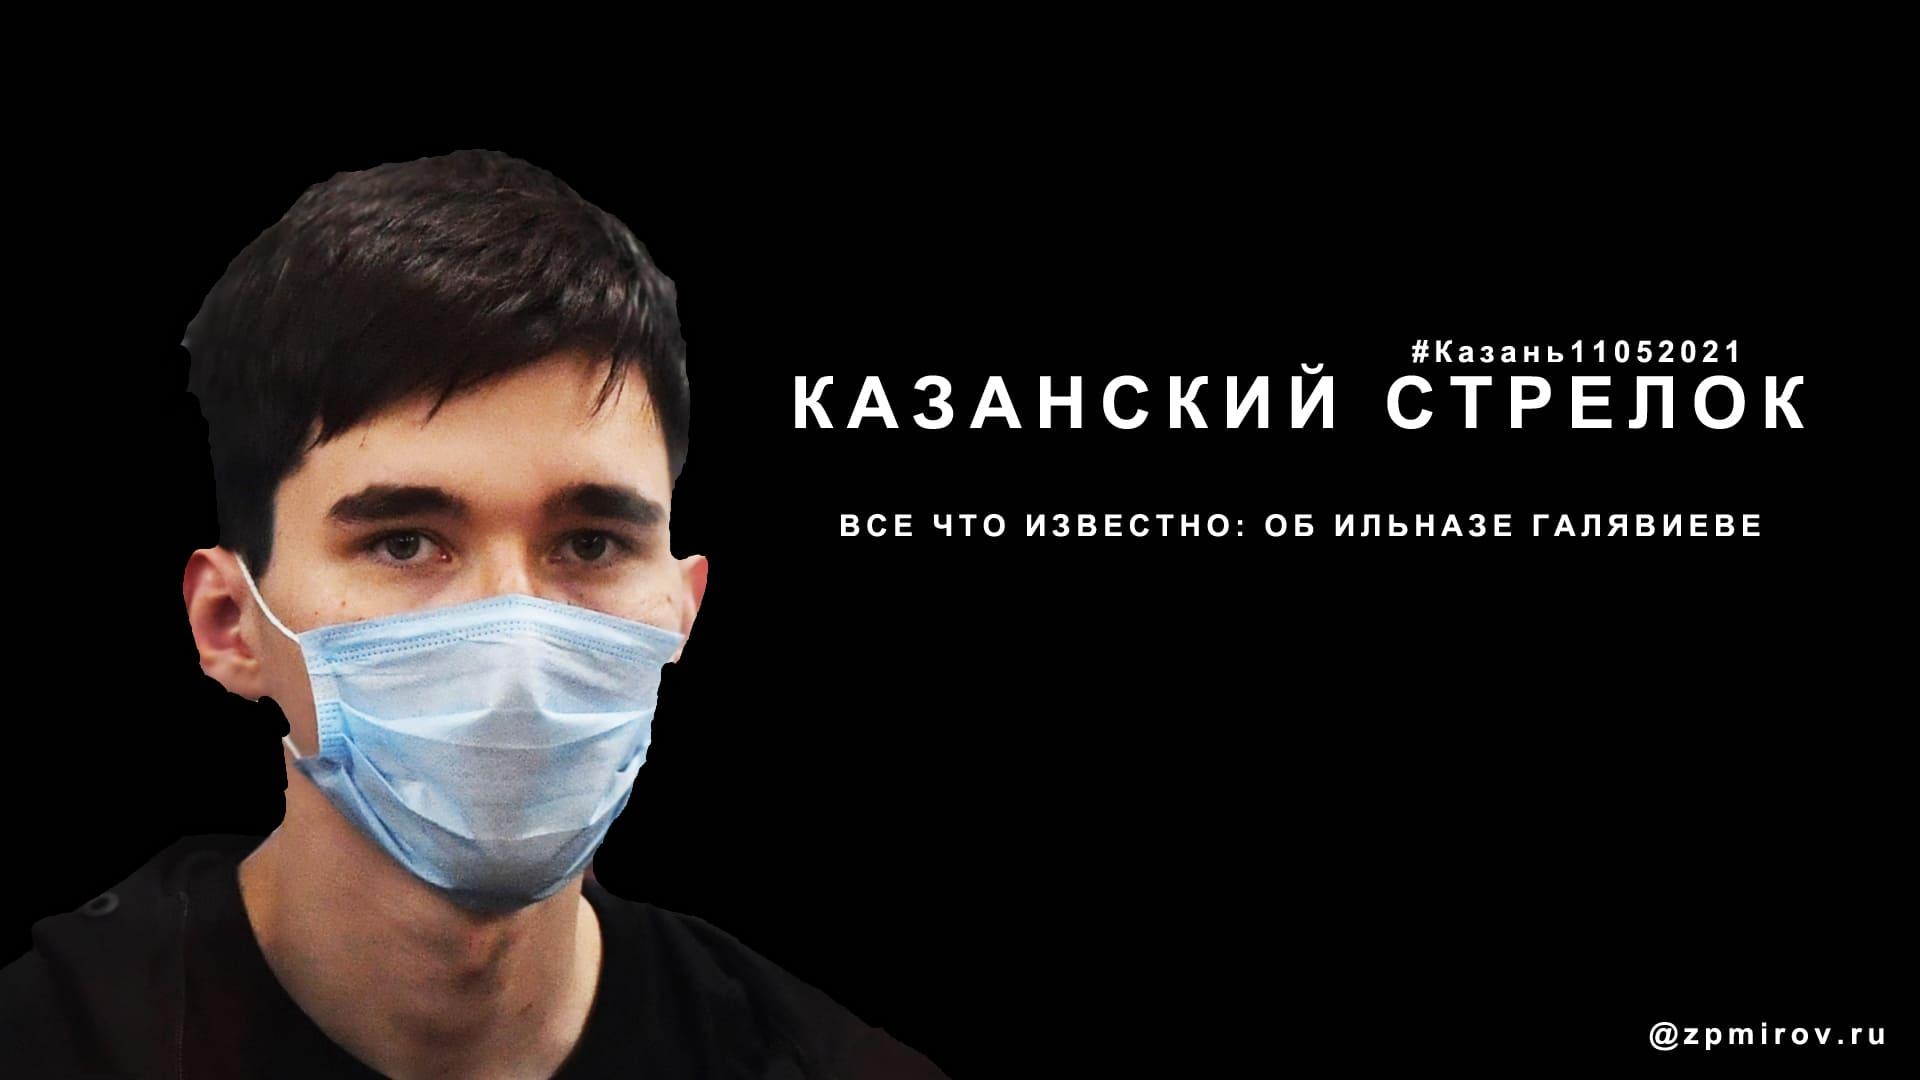 Казанский стрелок Ильназ Галявиев все что известно